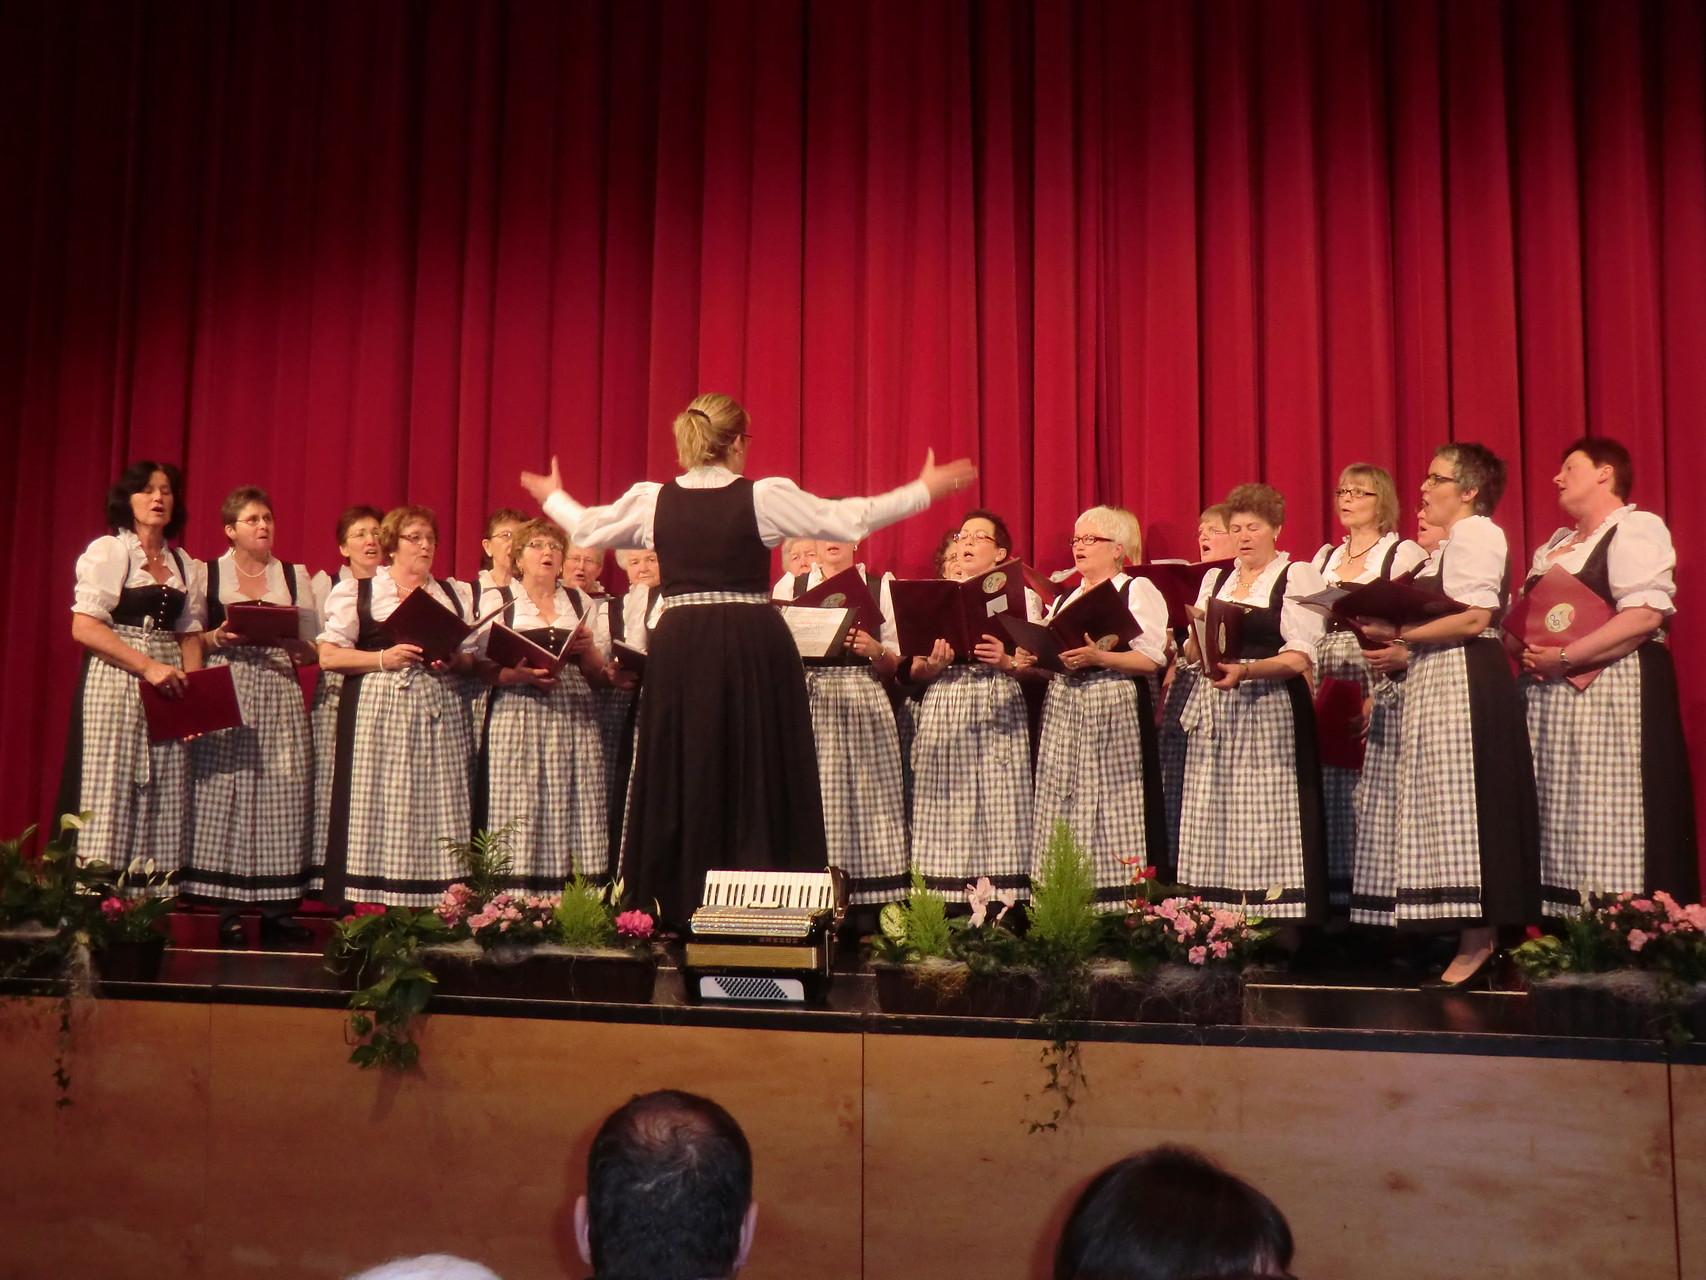 Unser BBV-Ortsbäuerinnenchor unter der Leitung von Heike Schlez